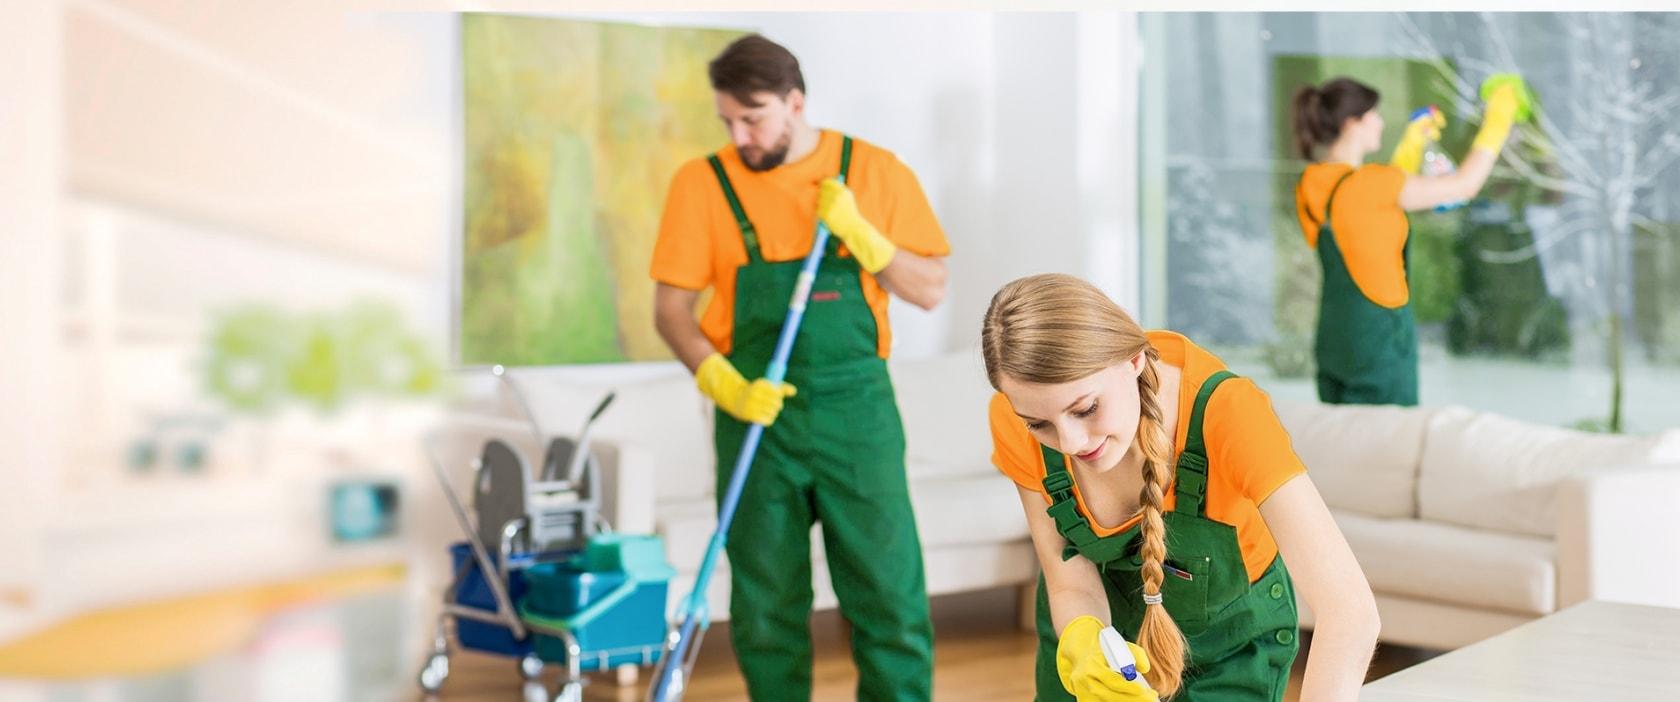 Как бюджетно обновить мебель в офисе?